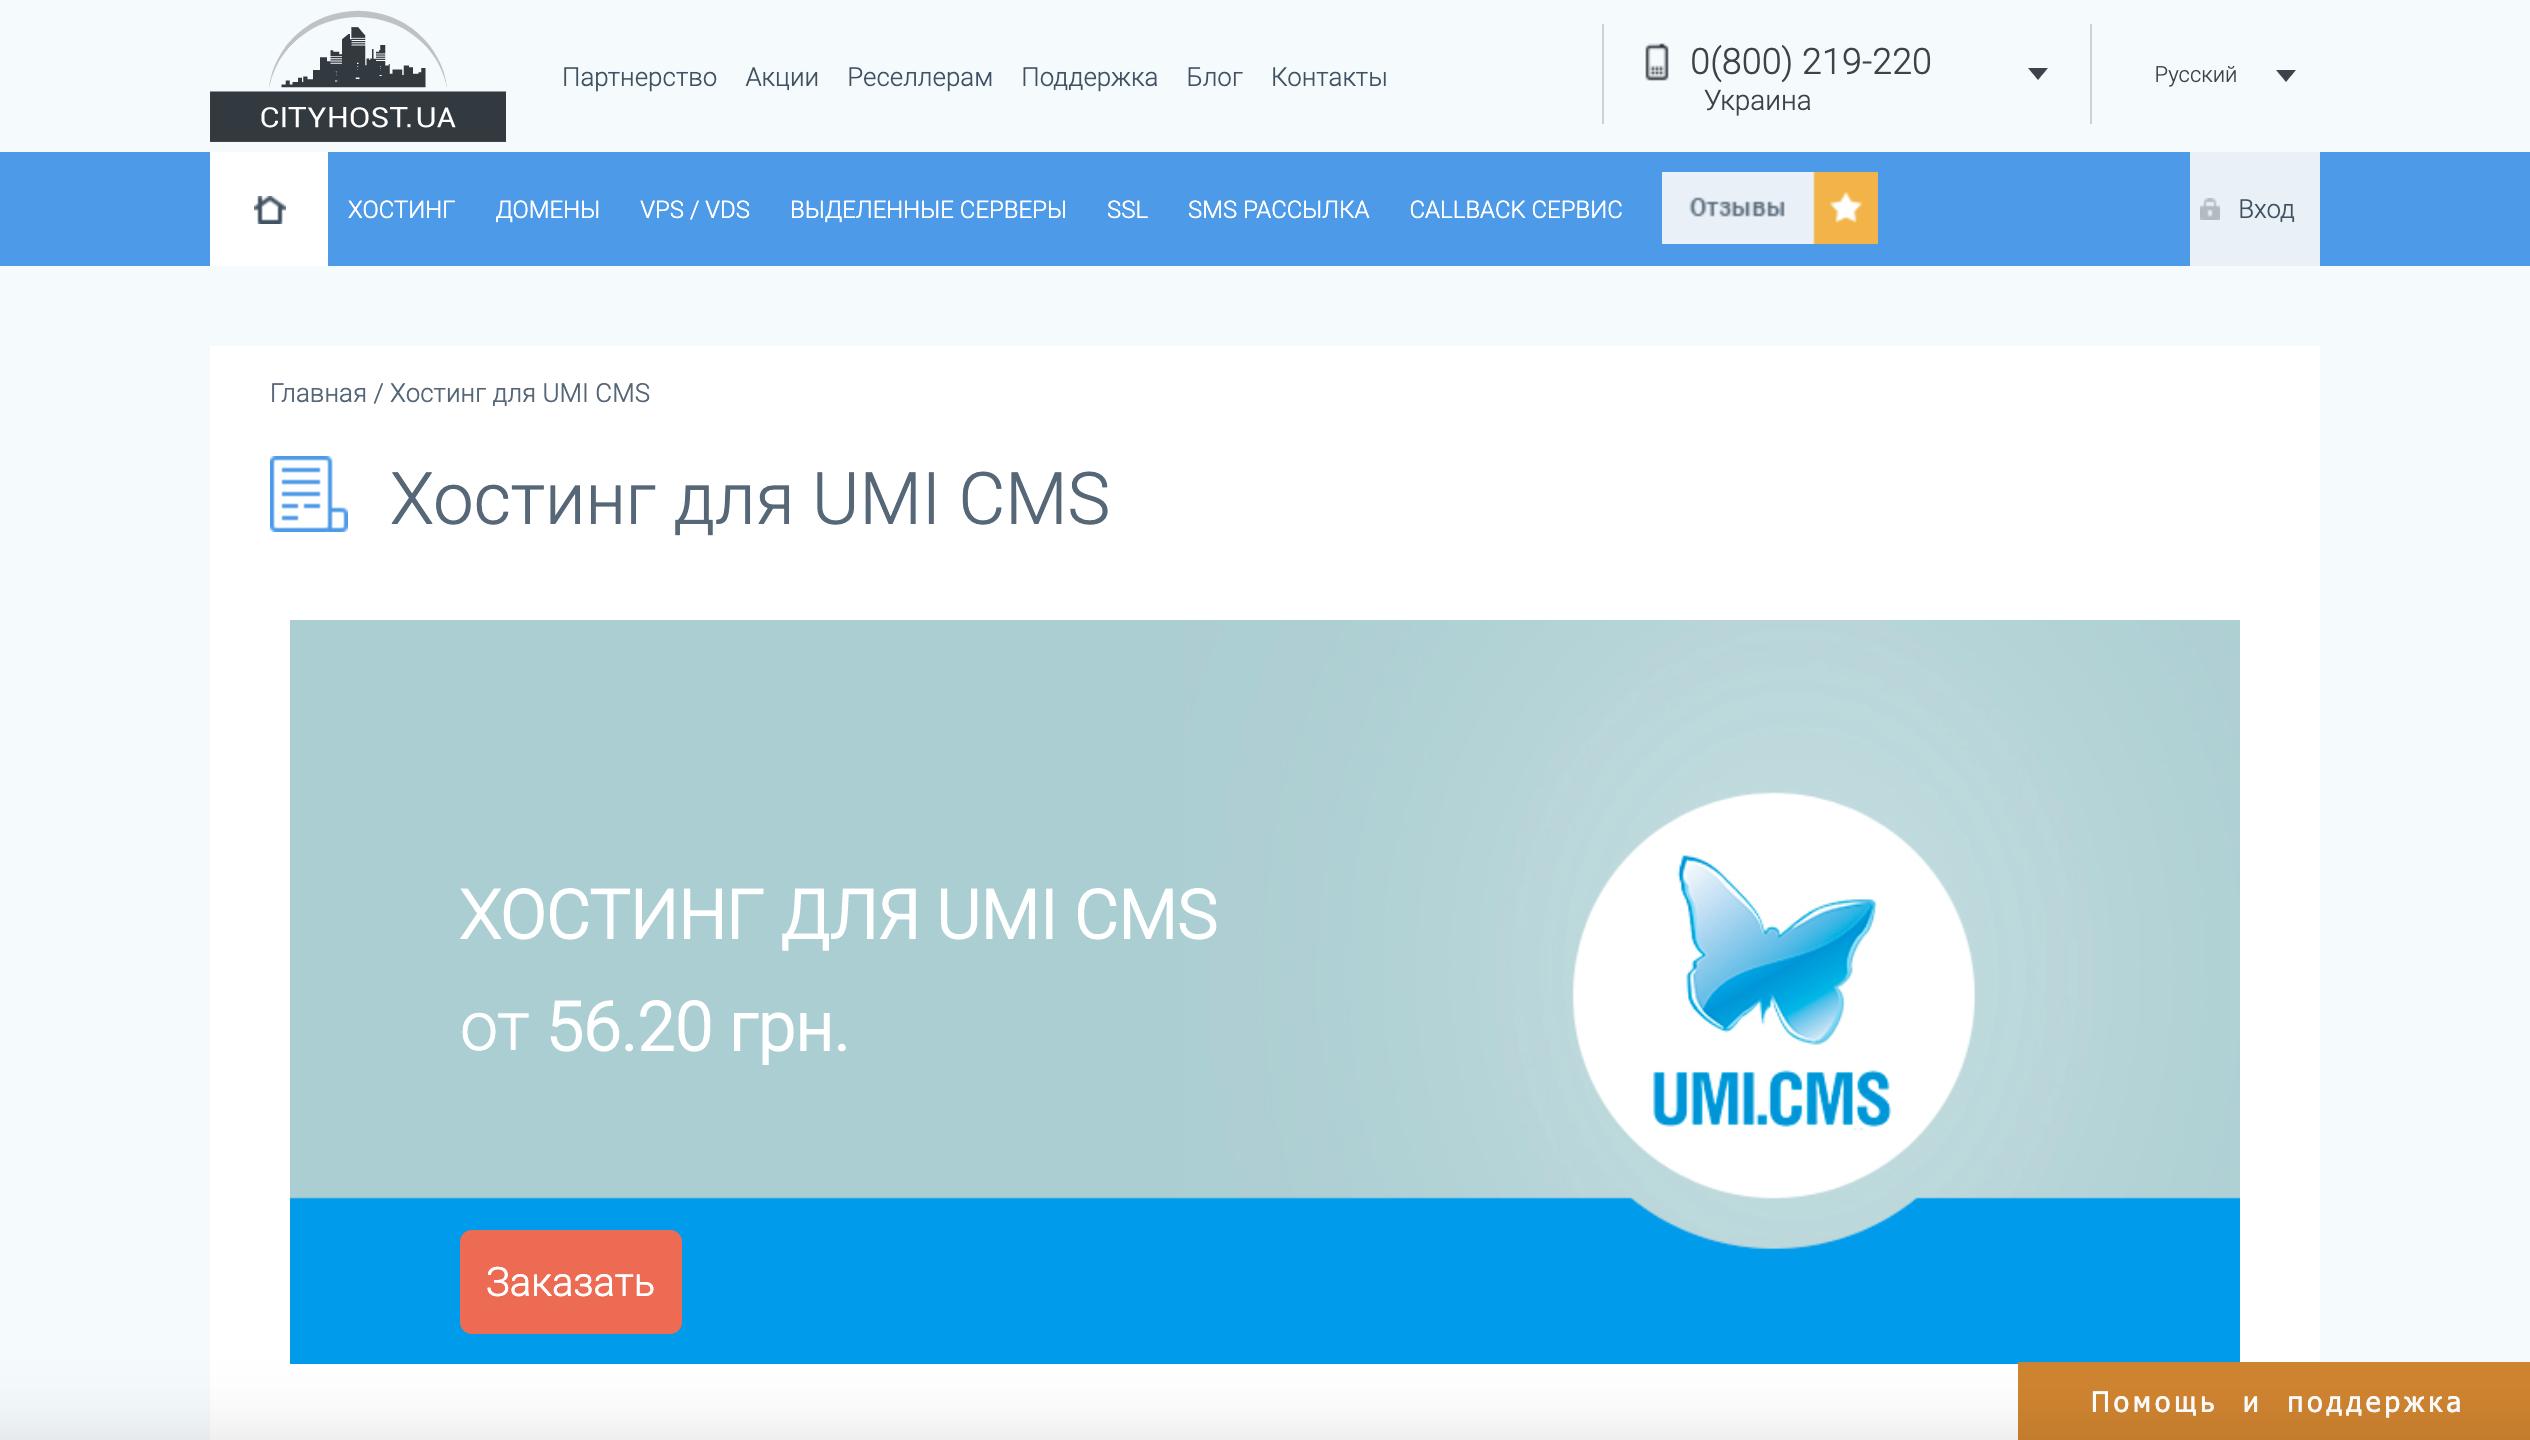 Хостинги для UMI.CMS